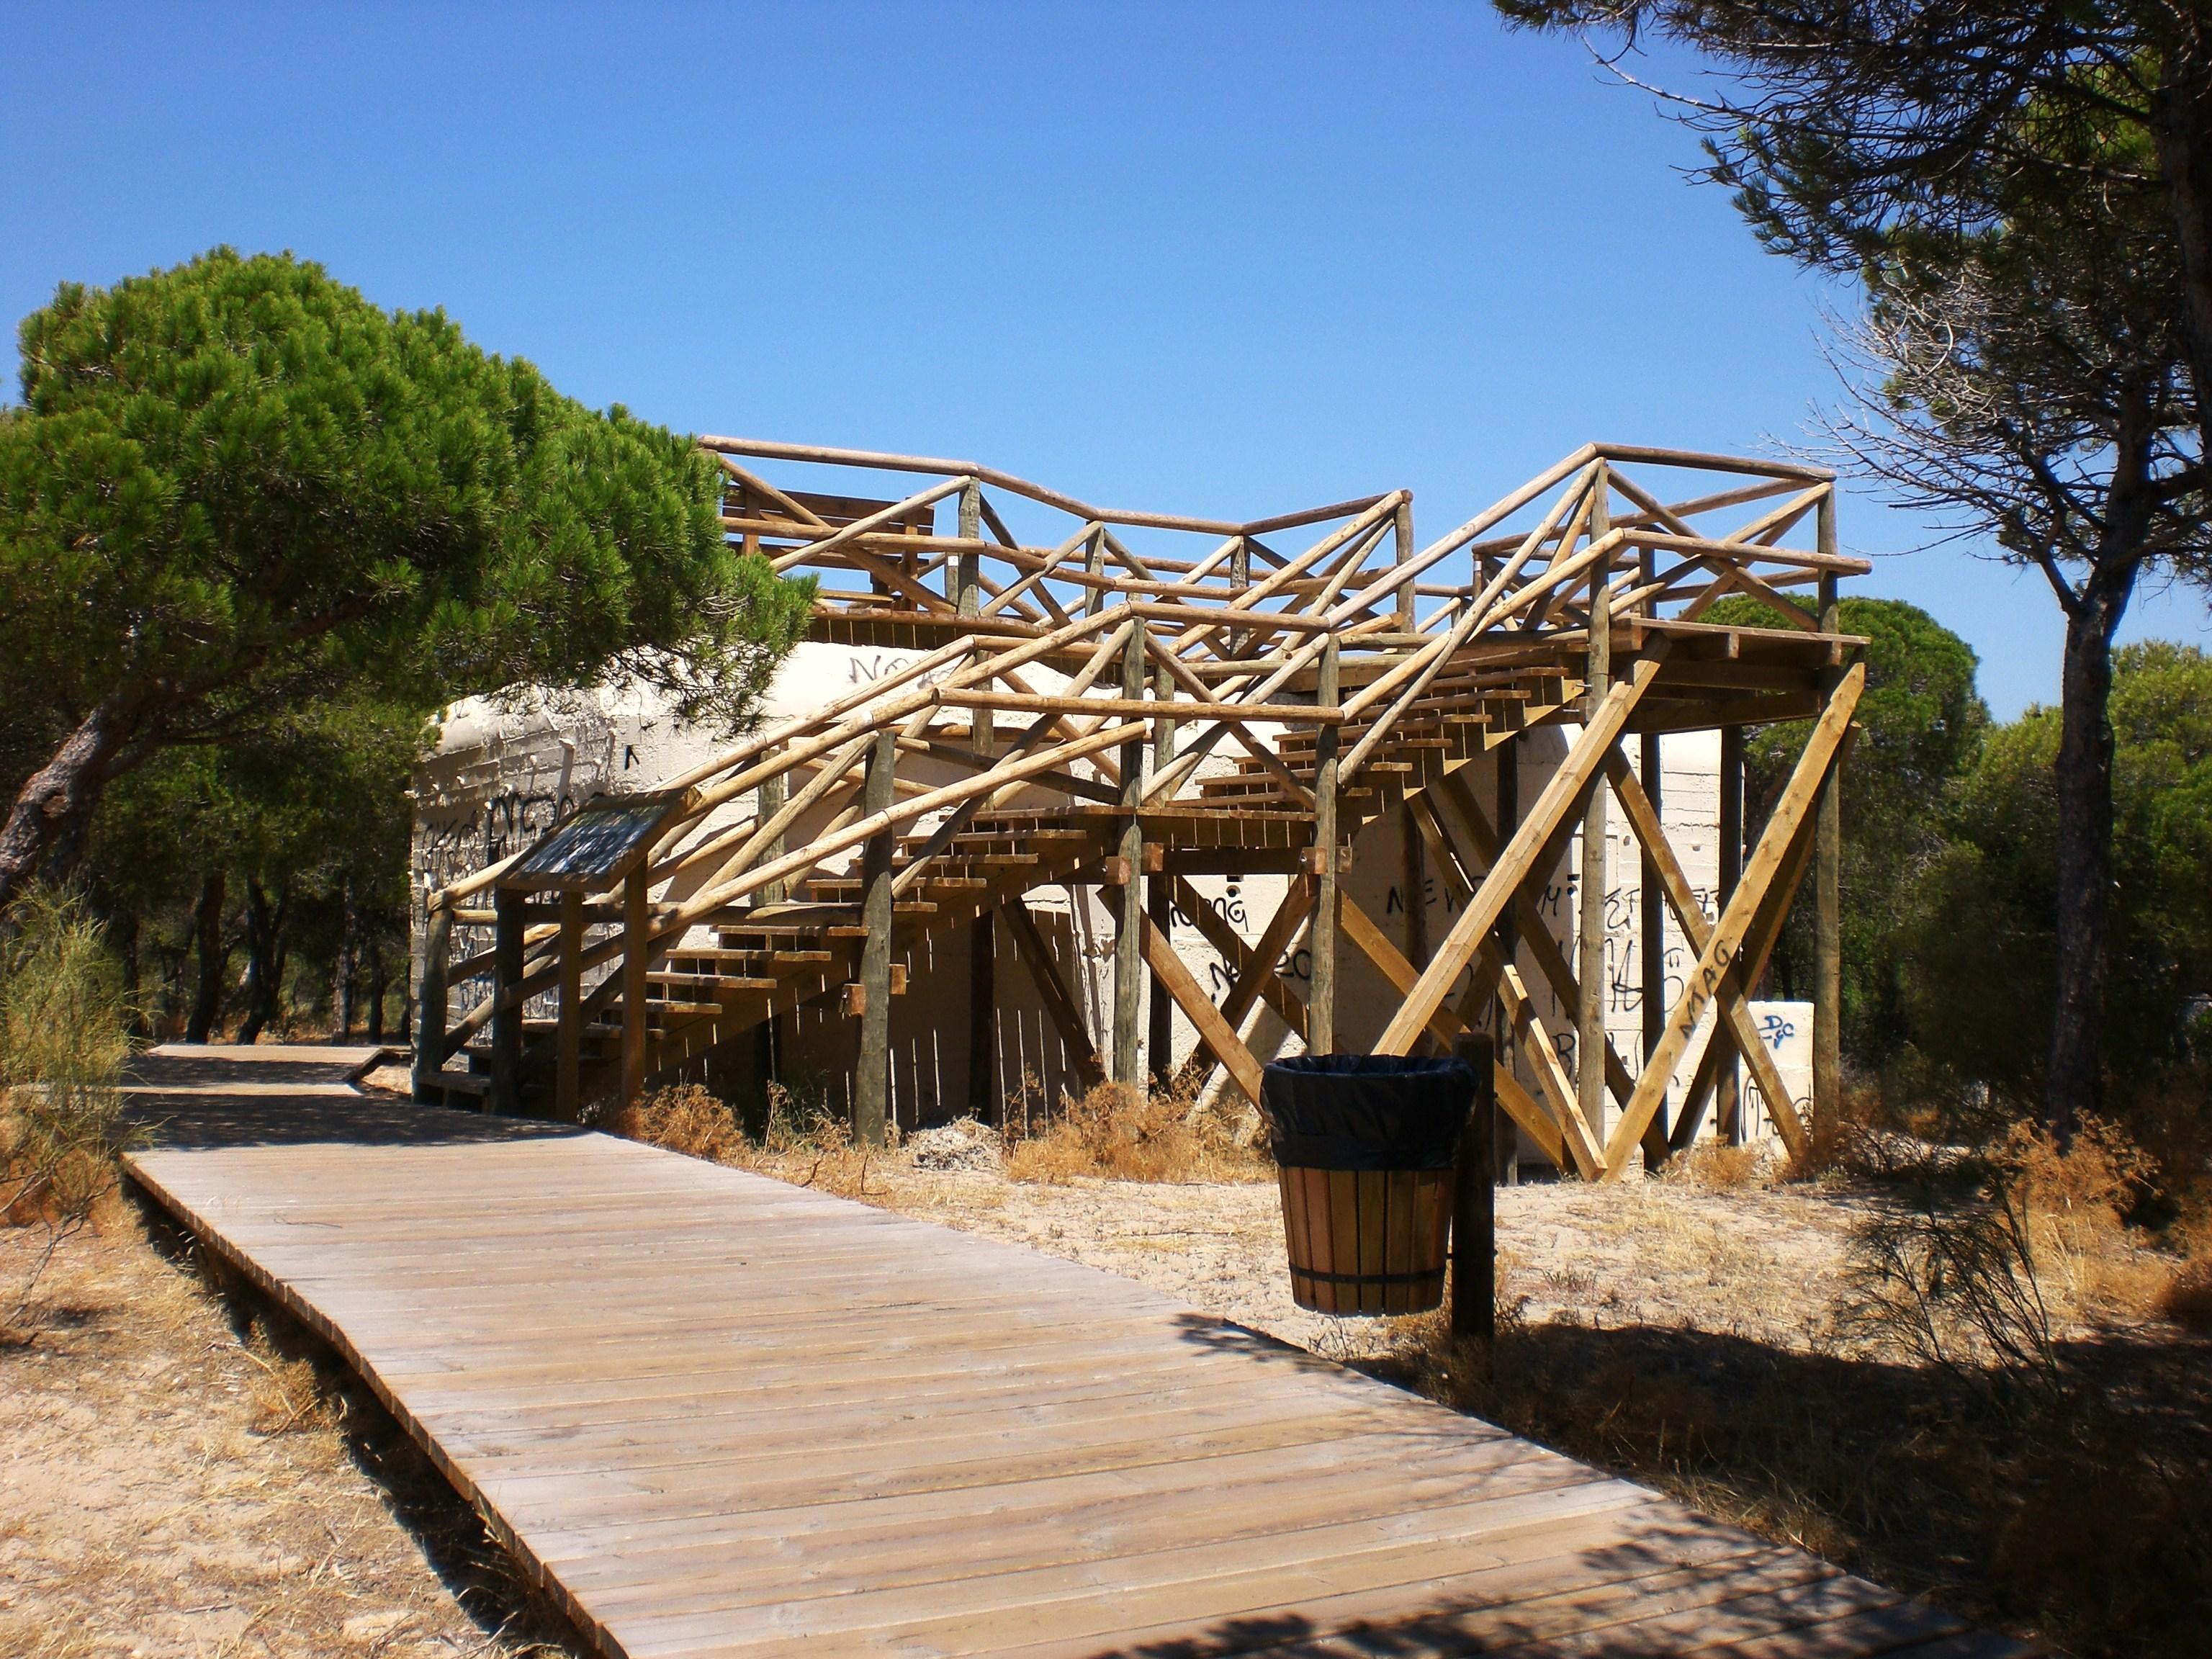 Foto playa Piedras Gordas / Los Corrales. Bunker de guerra transformado en mirador  (vista lateral)